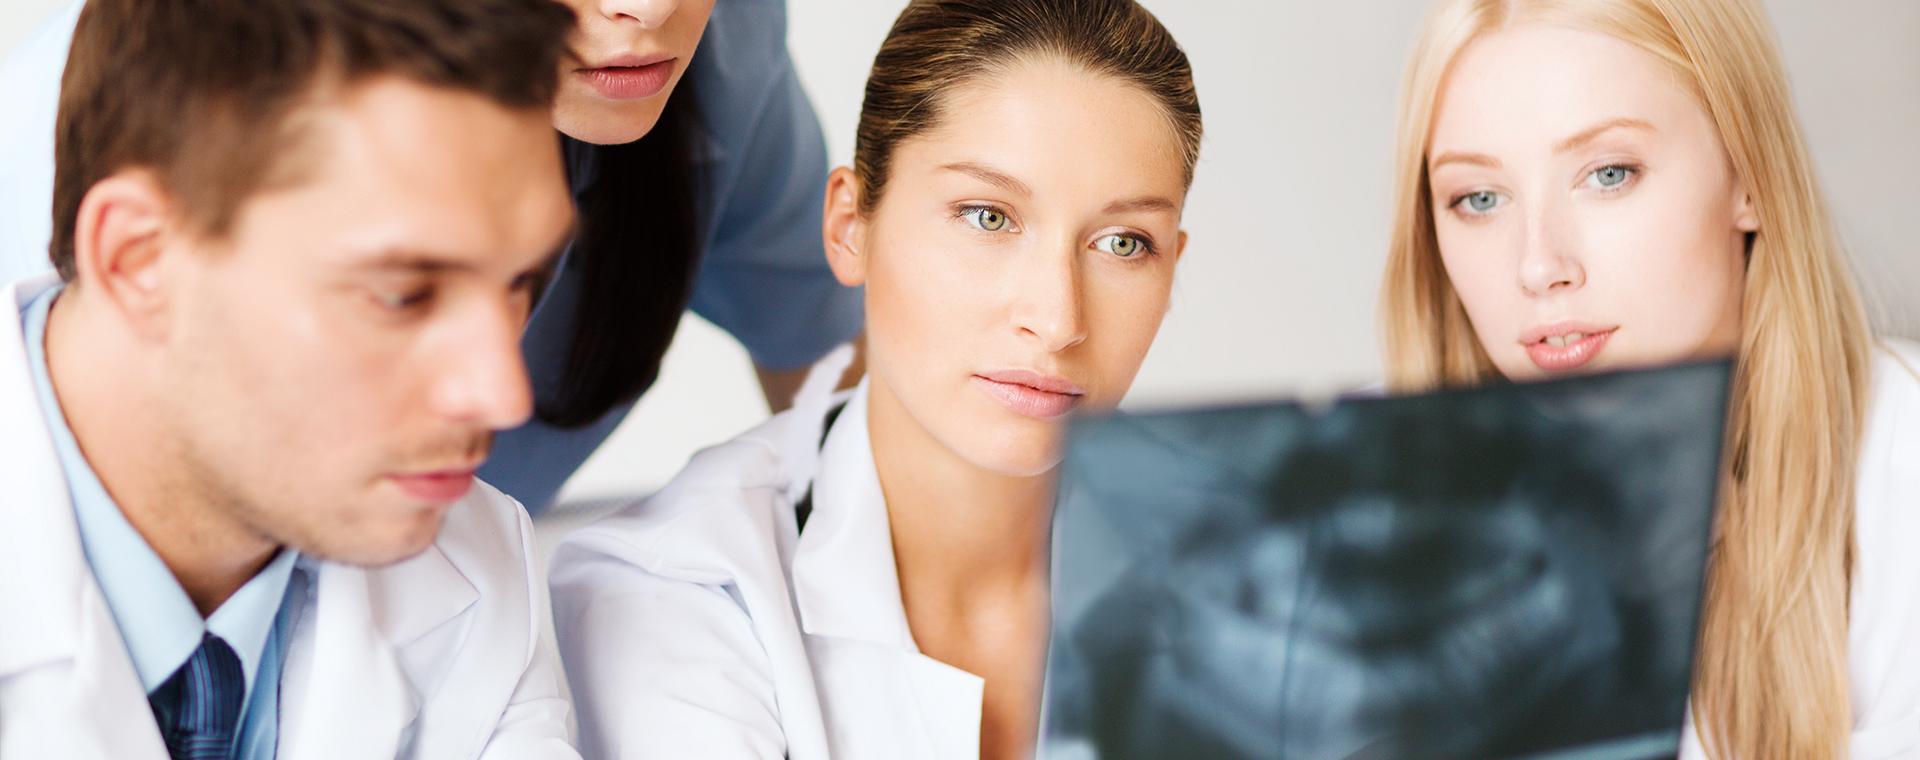 Service conseil et accompagnement en milieu dentaire